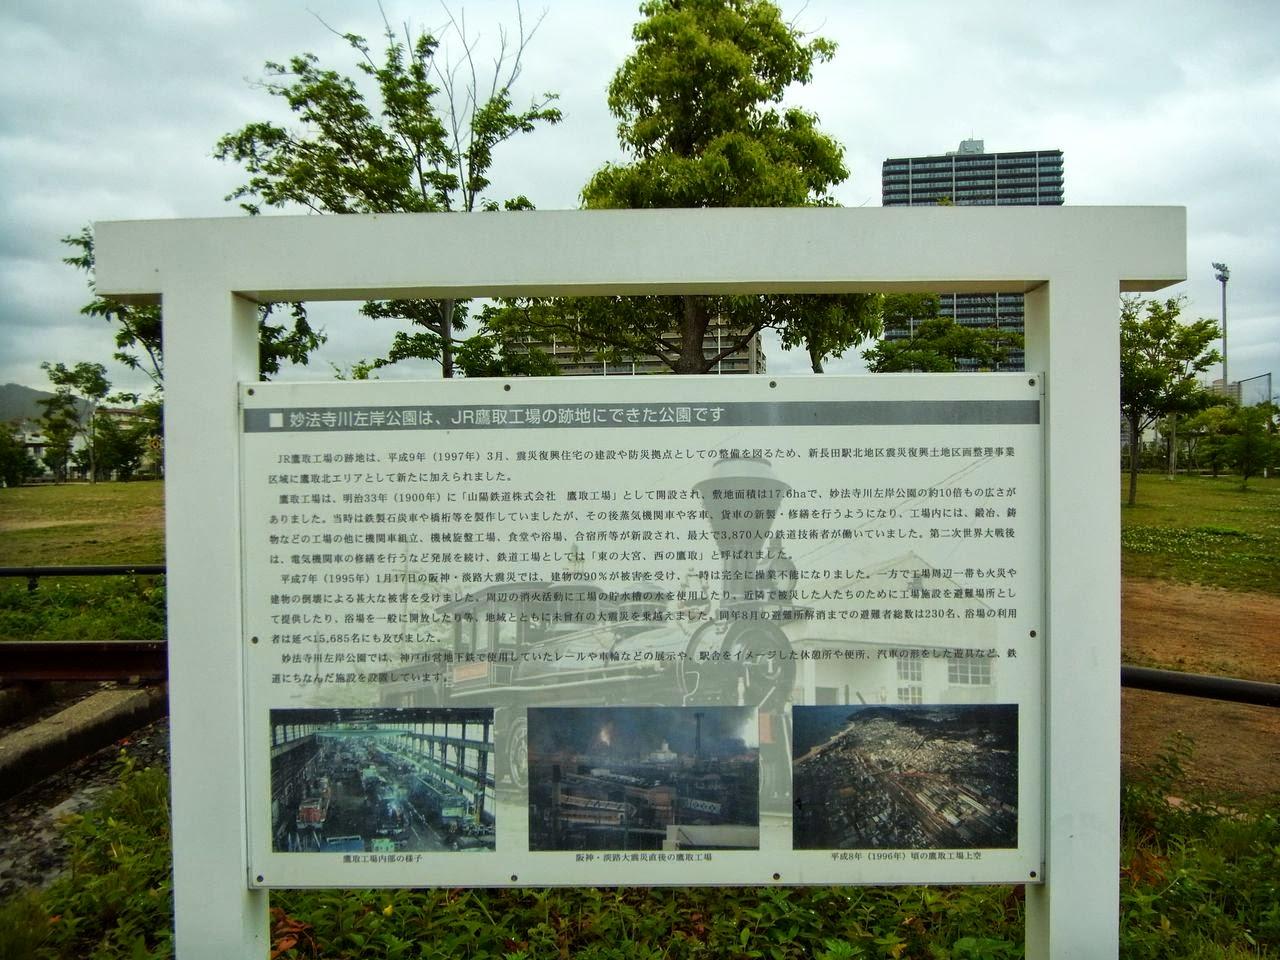 妙法寺川左岸公園(神戸市須磨区)